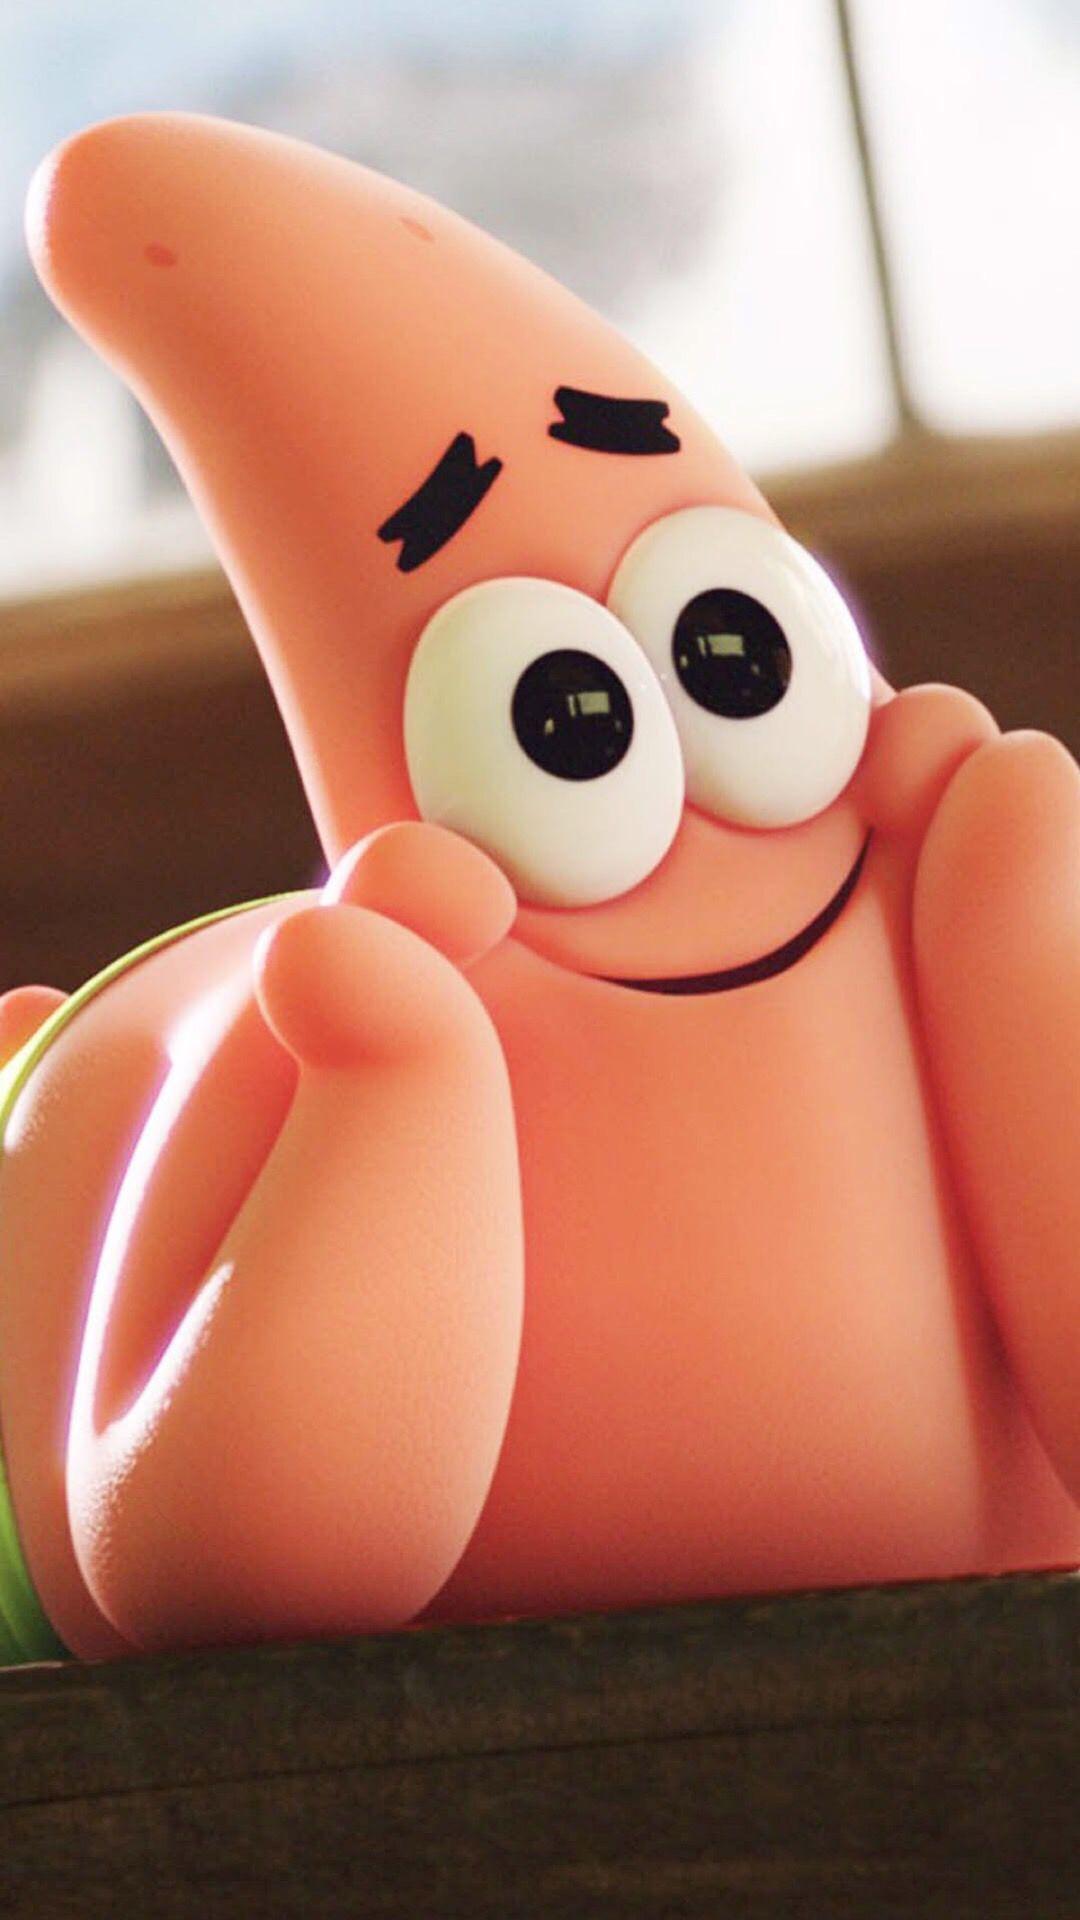 Fondos  - •Sponge Bob• ♥️